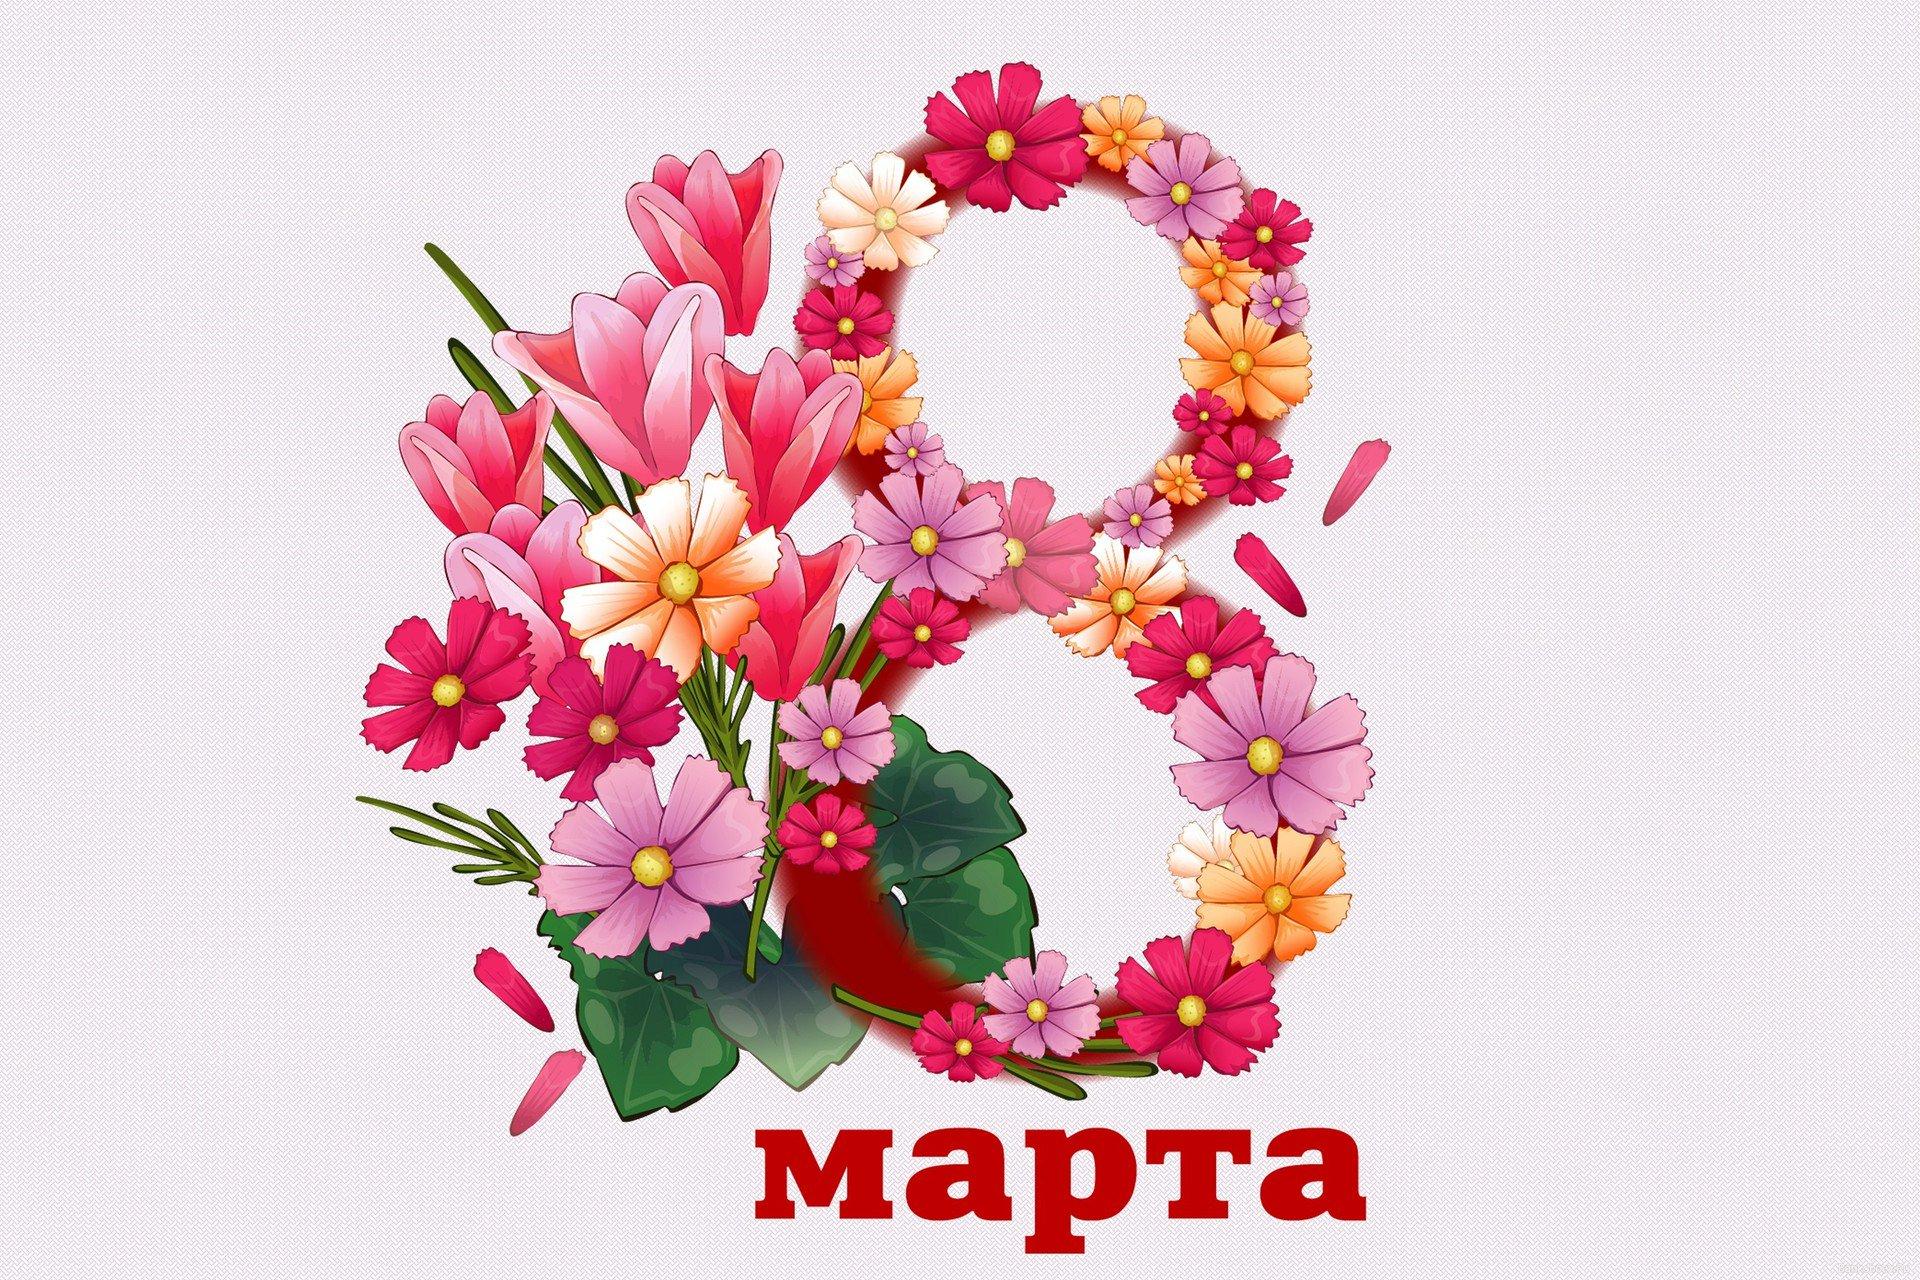 Открытки для мамы 8-марта видео, звездочке открытки